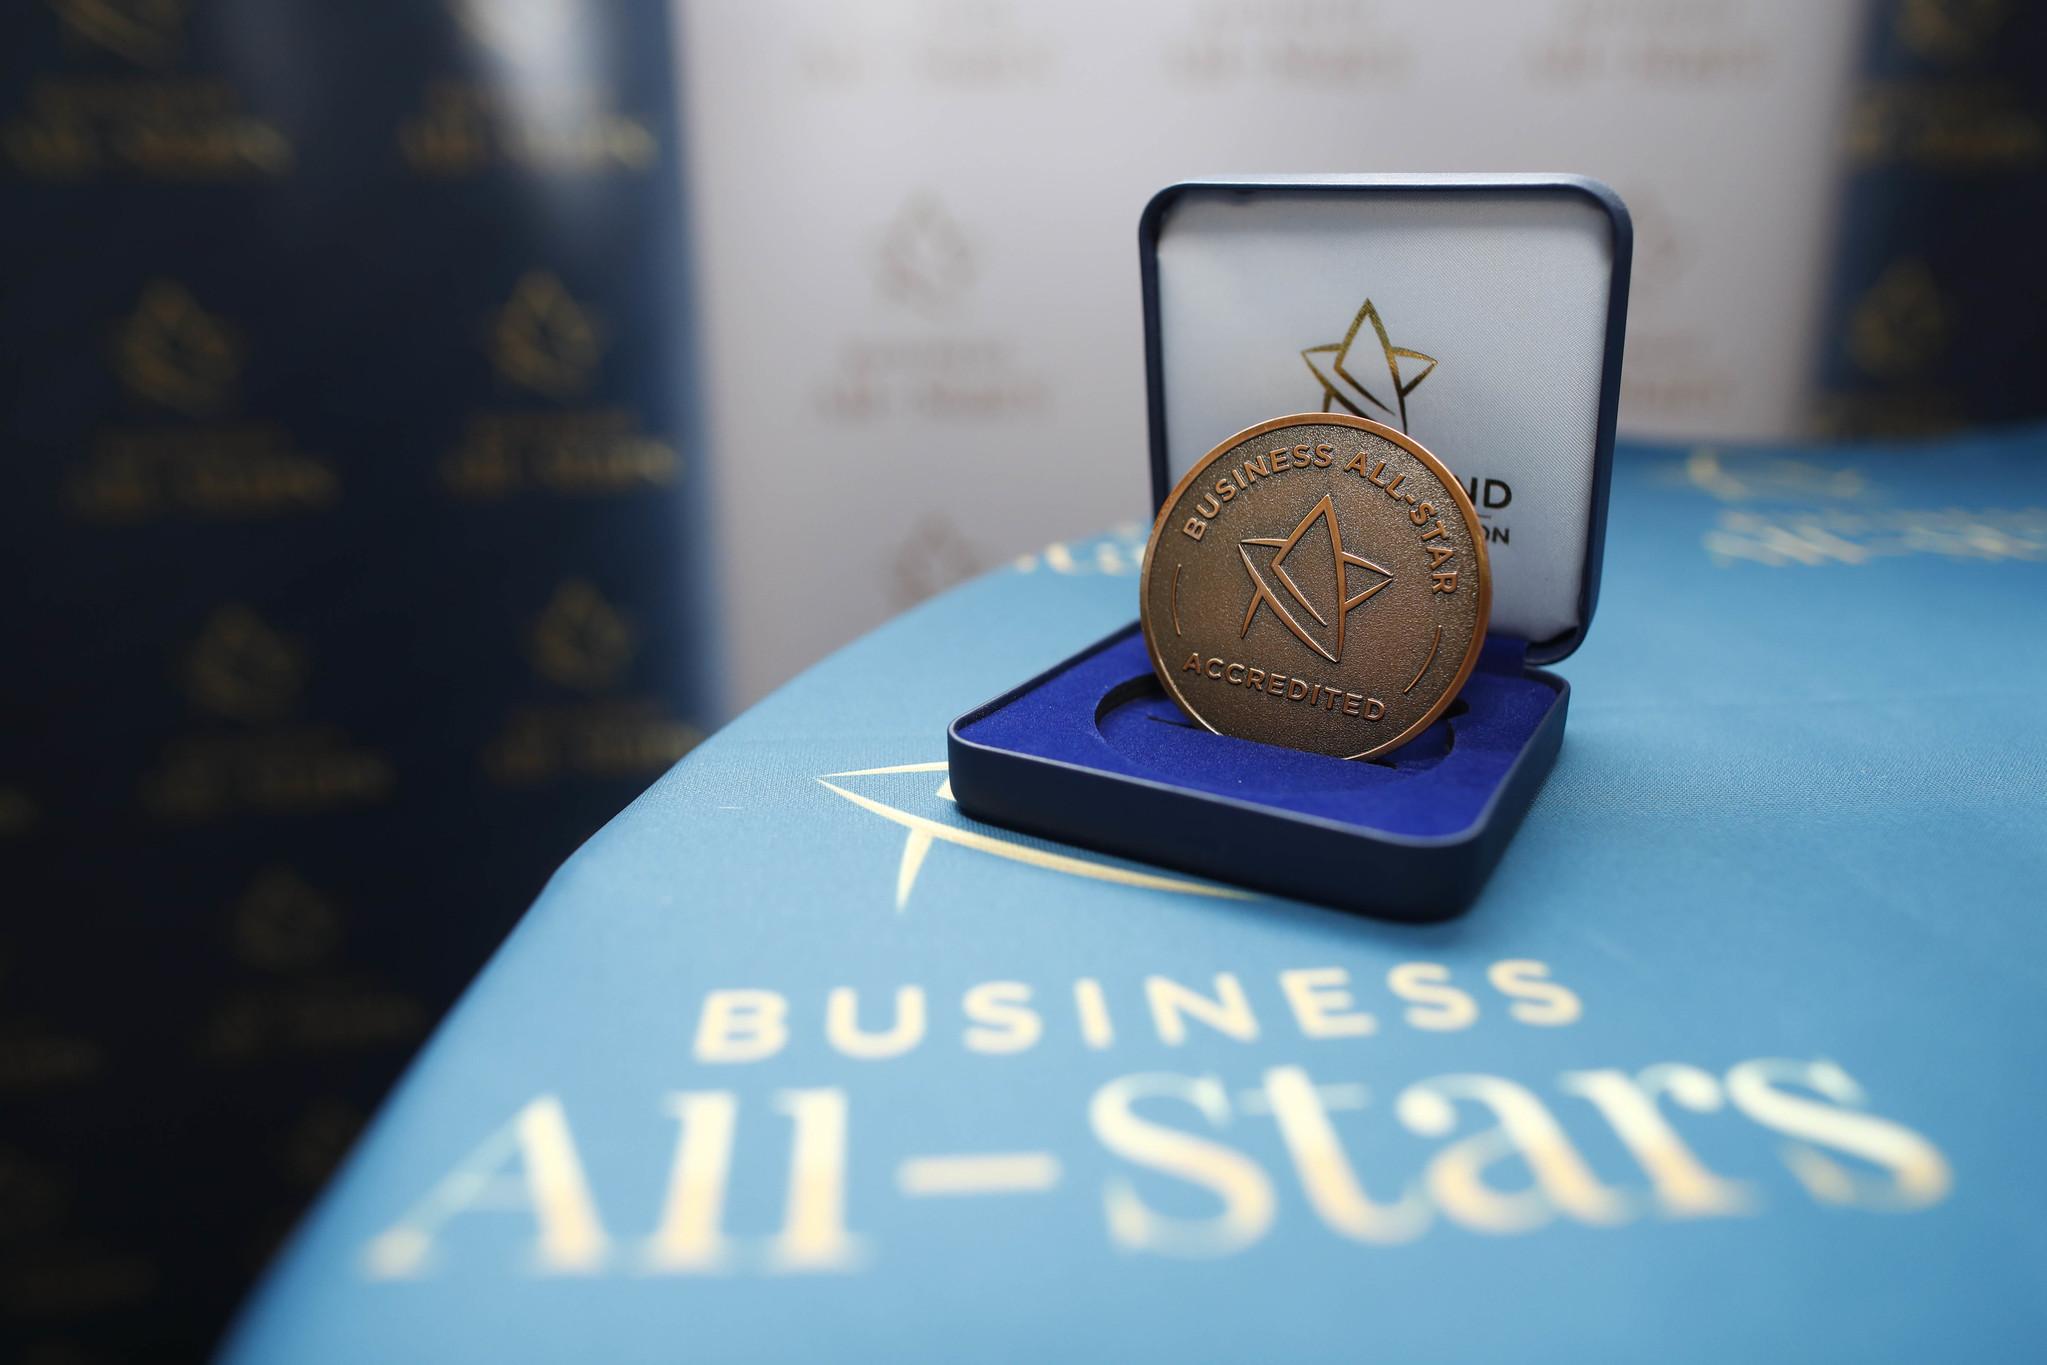 All-Star Medal